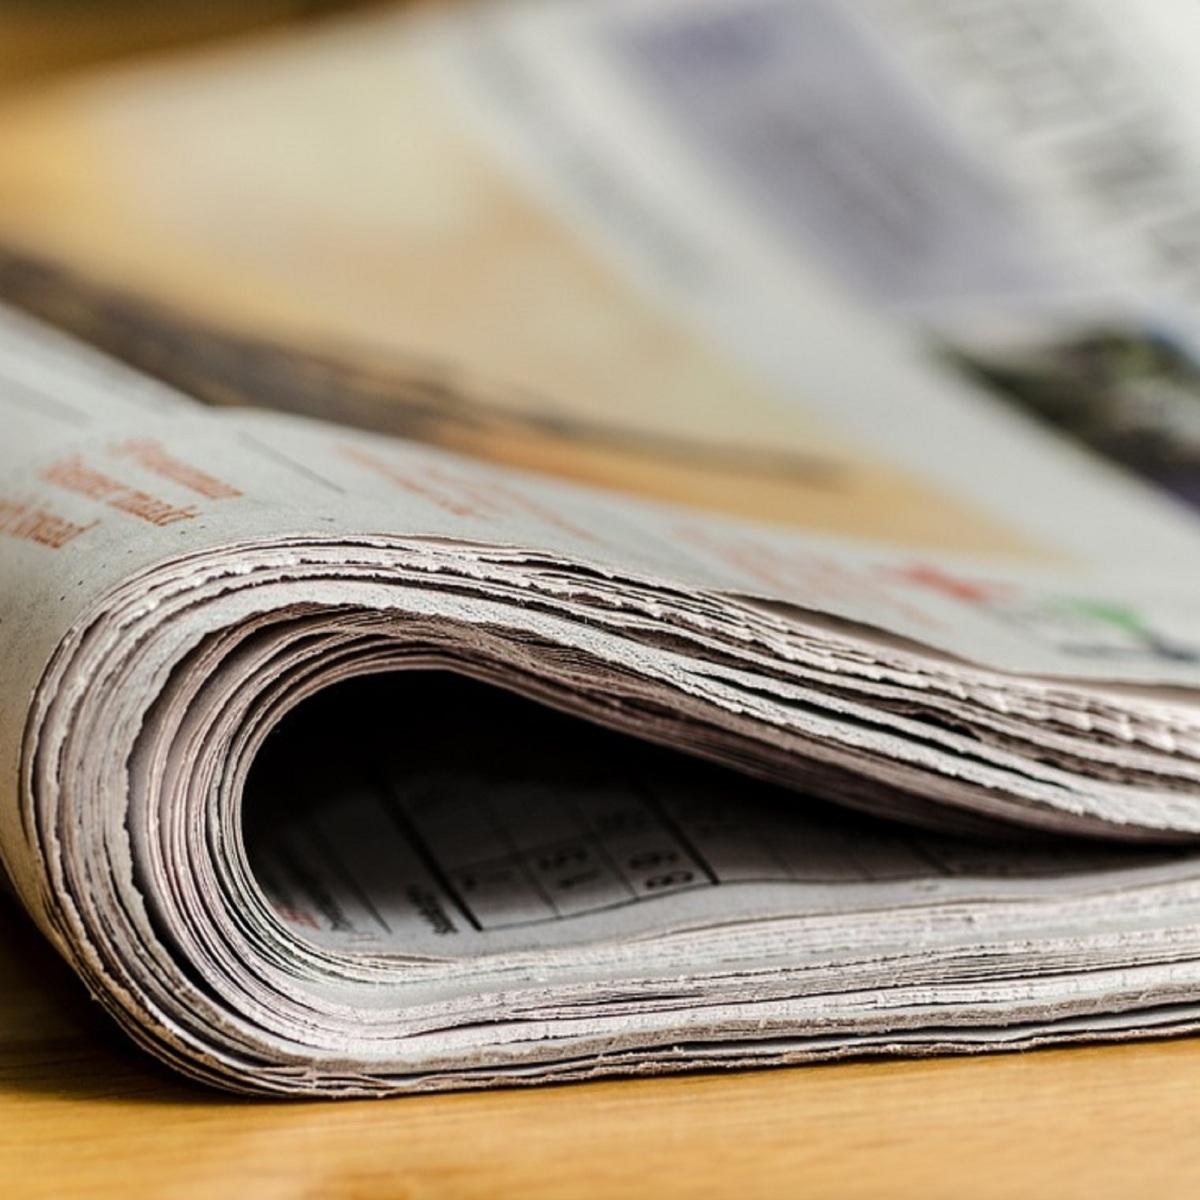 Cri d'alarme des médias communautaires : le gouvernement canadien saura-t-il répondre au défi? - Marie Hélène Eddie